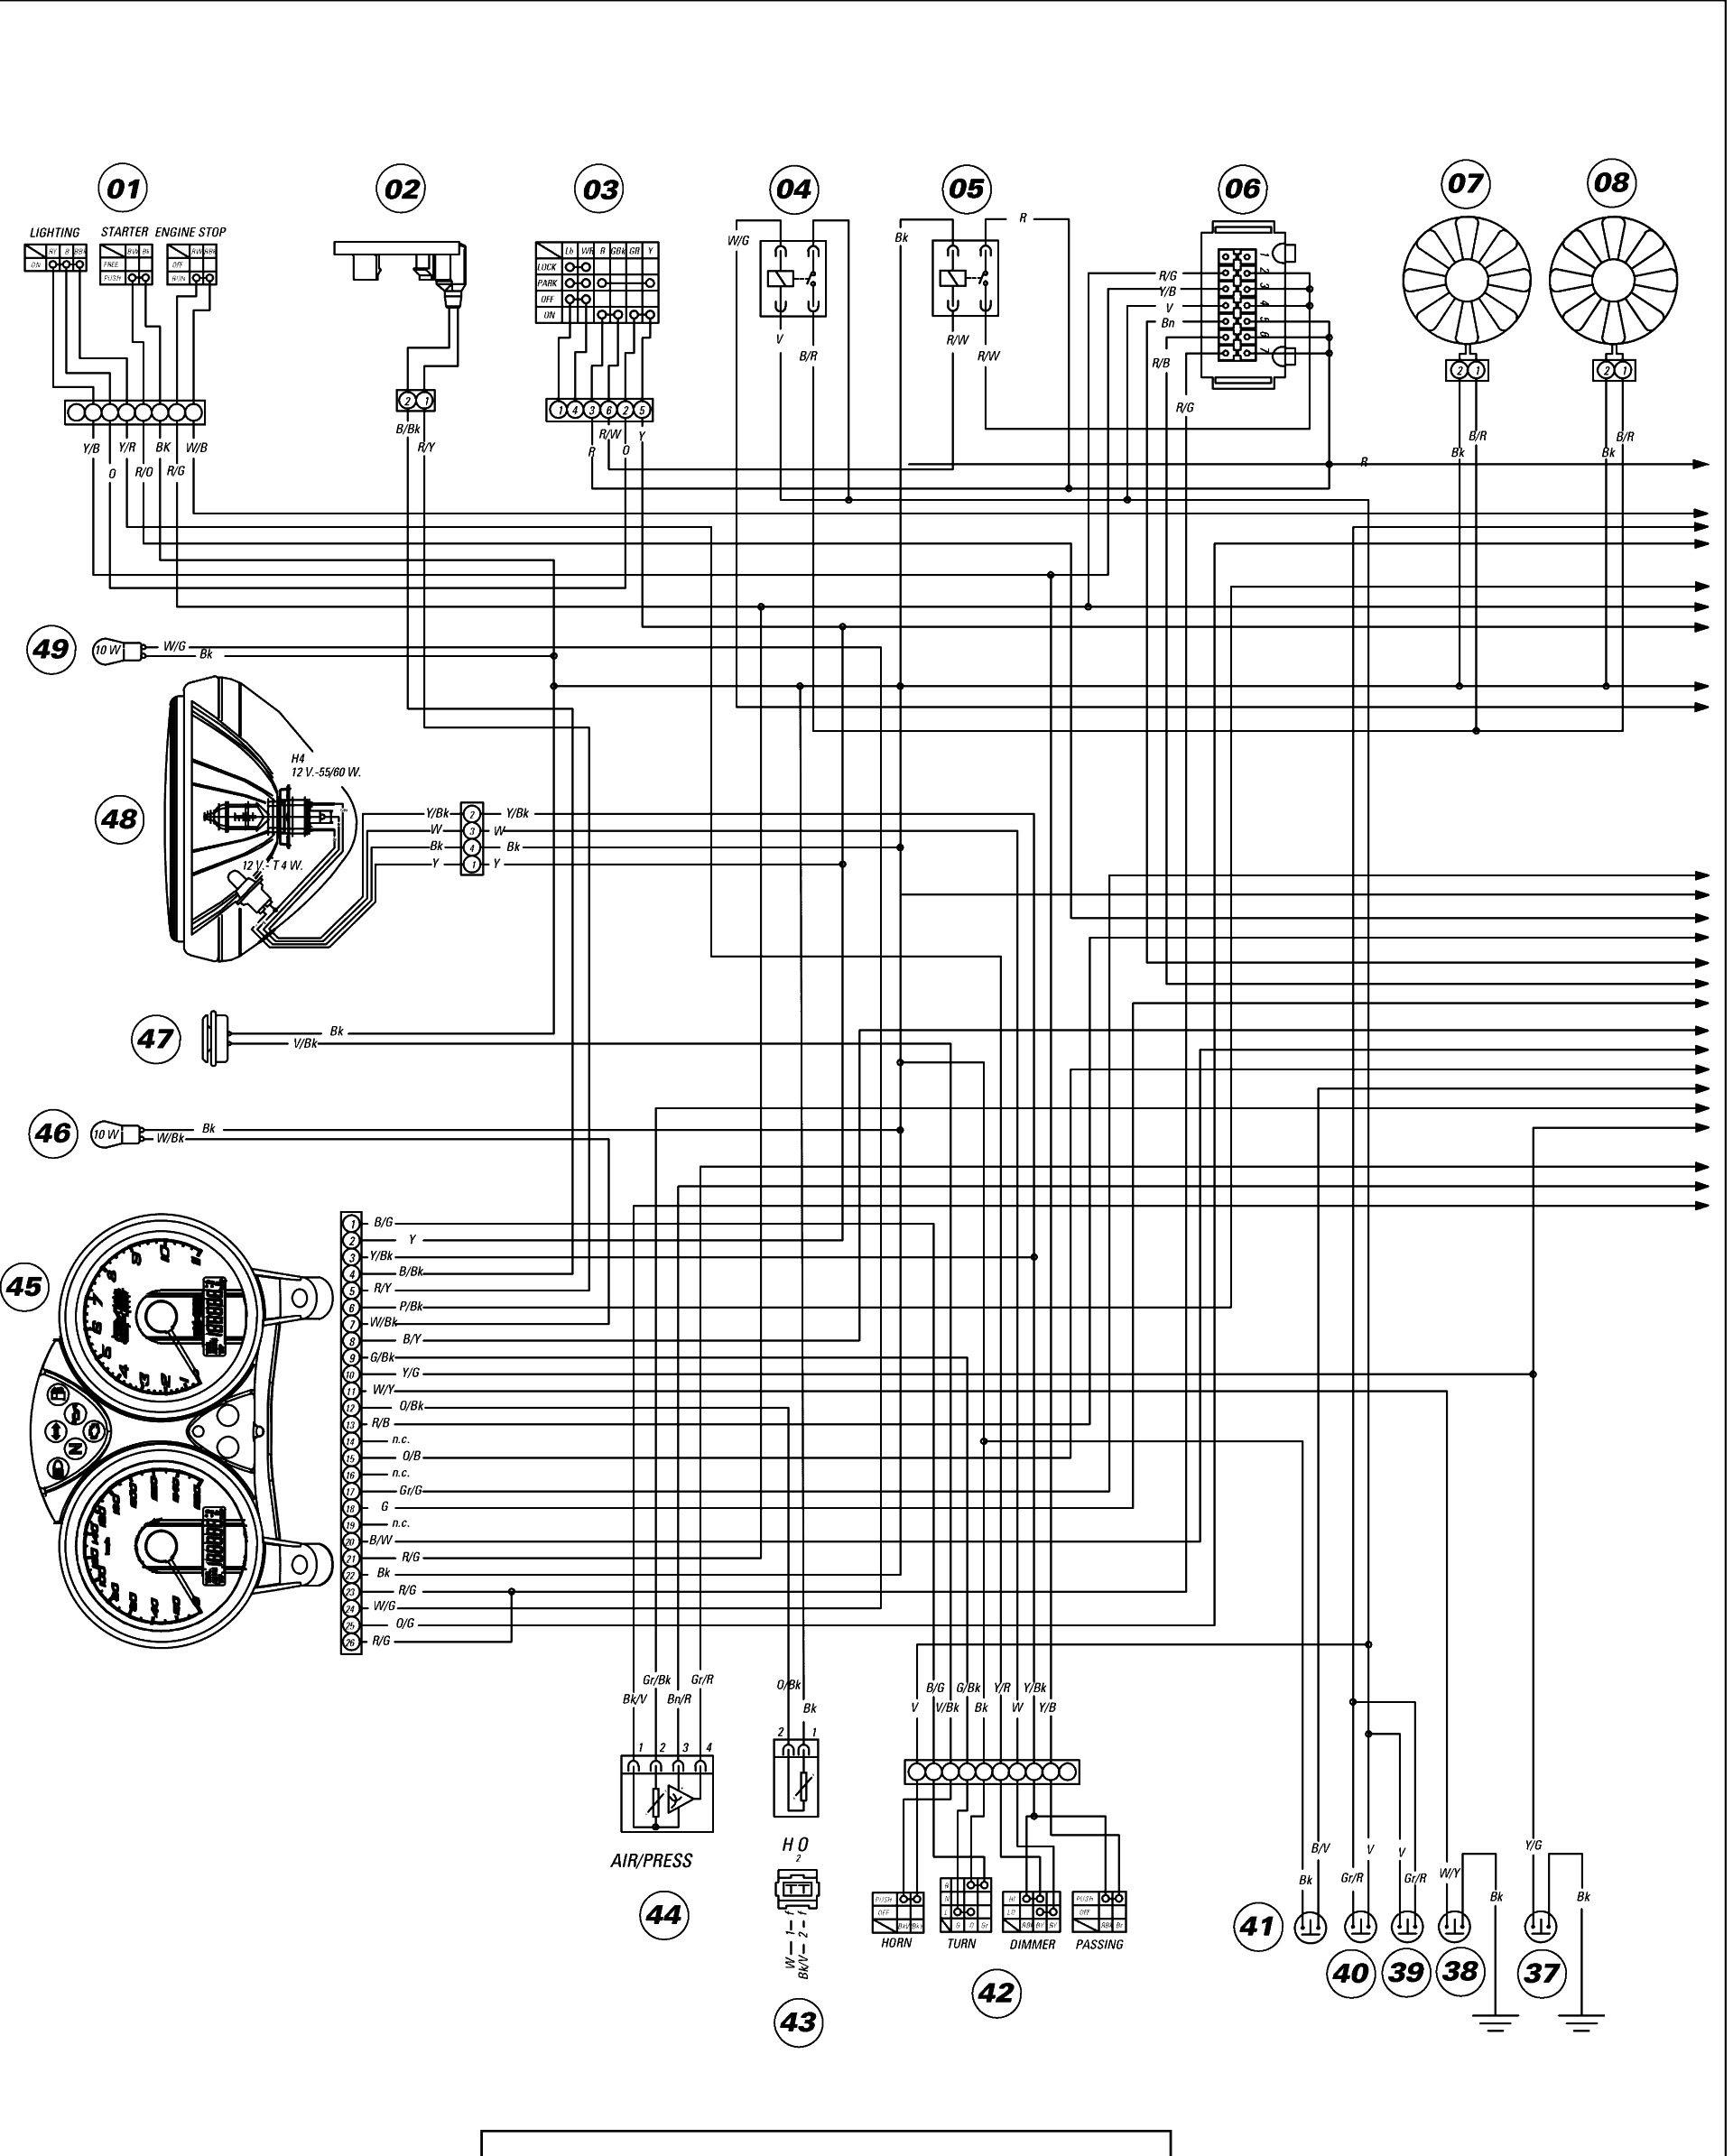 [DIAGRAM] 2013 Ducati Monster 696 Wiring Diagram FULL